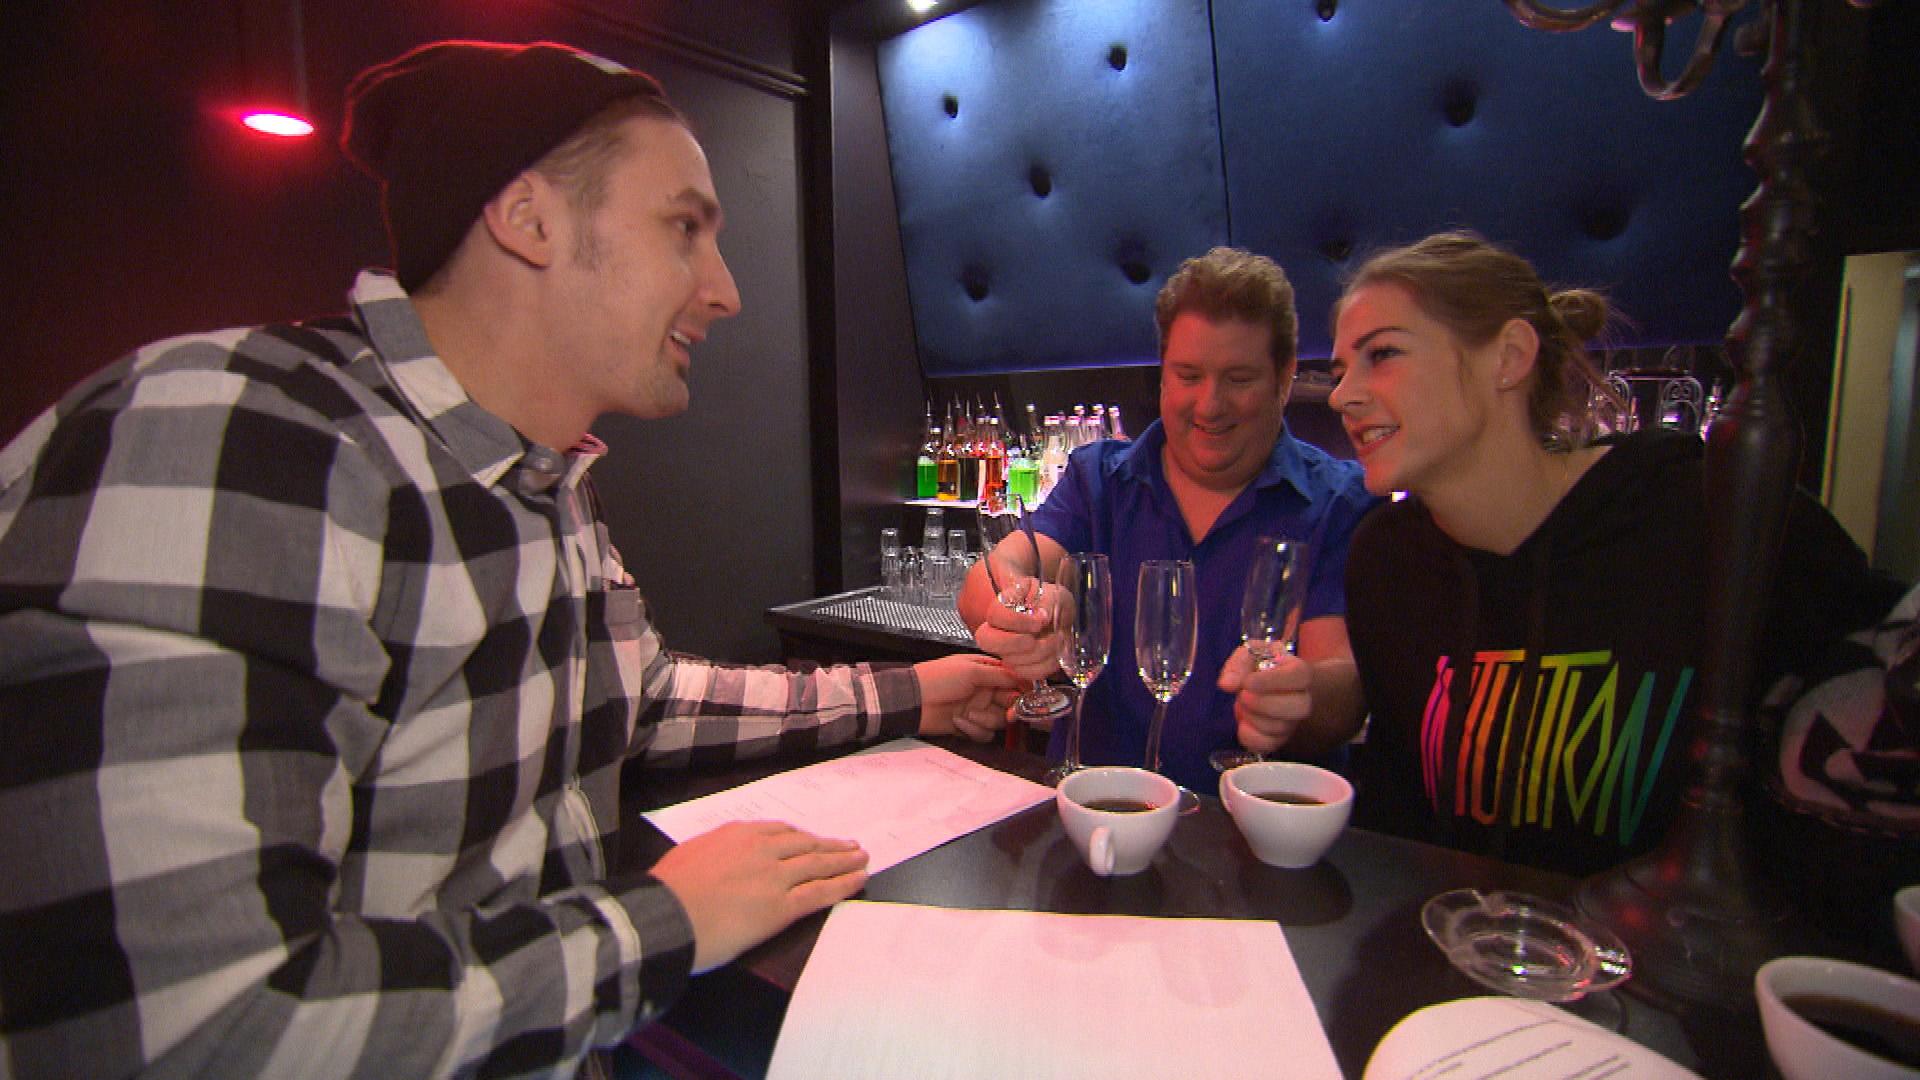 Leon und Alina sind überrascht von Guidos Stammpublikum (Quelle: RTL 2)